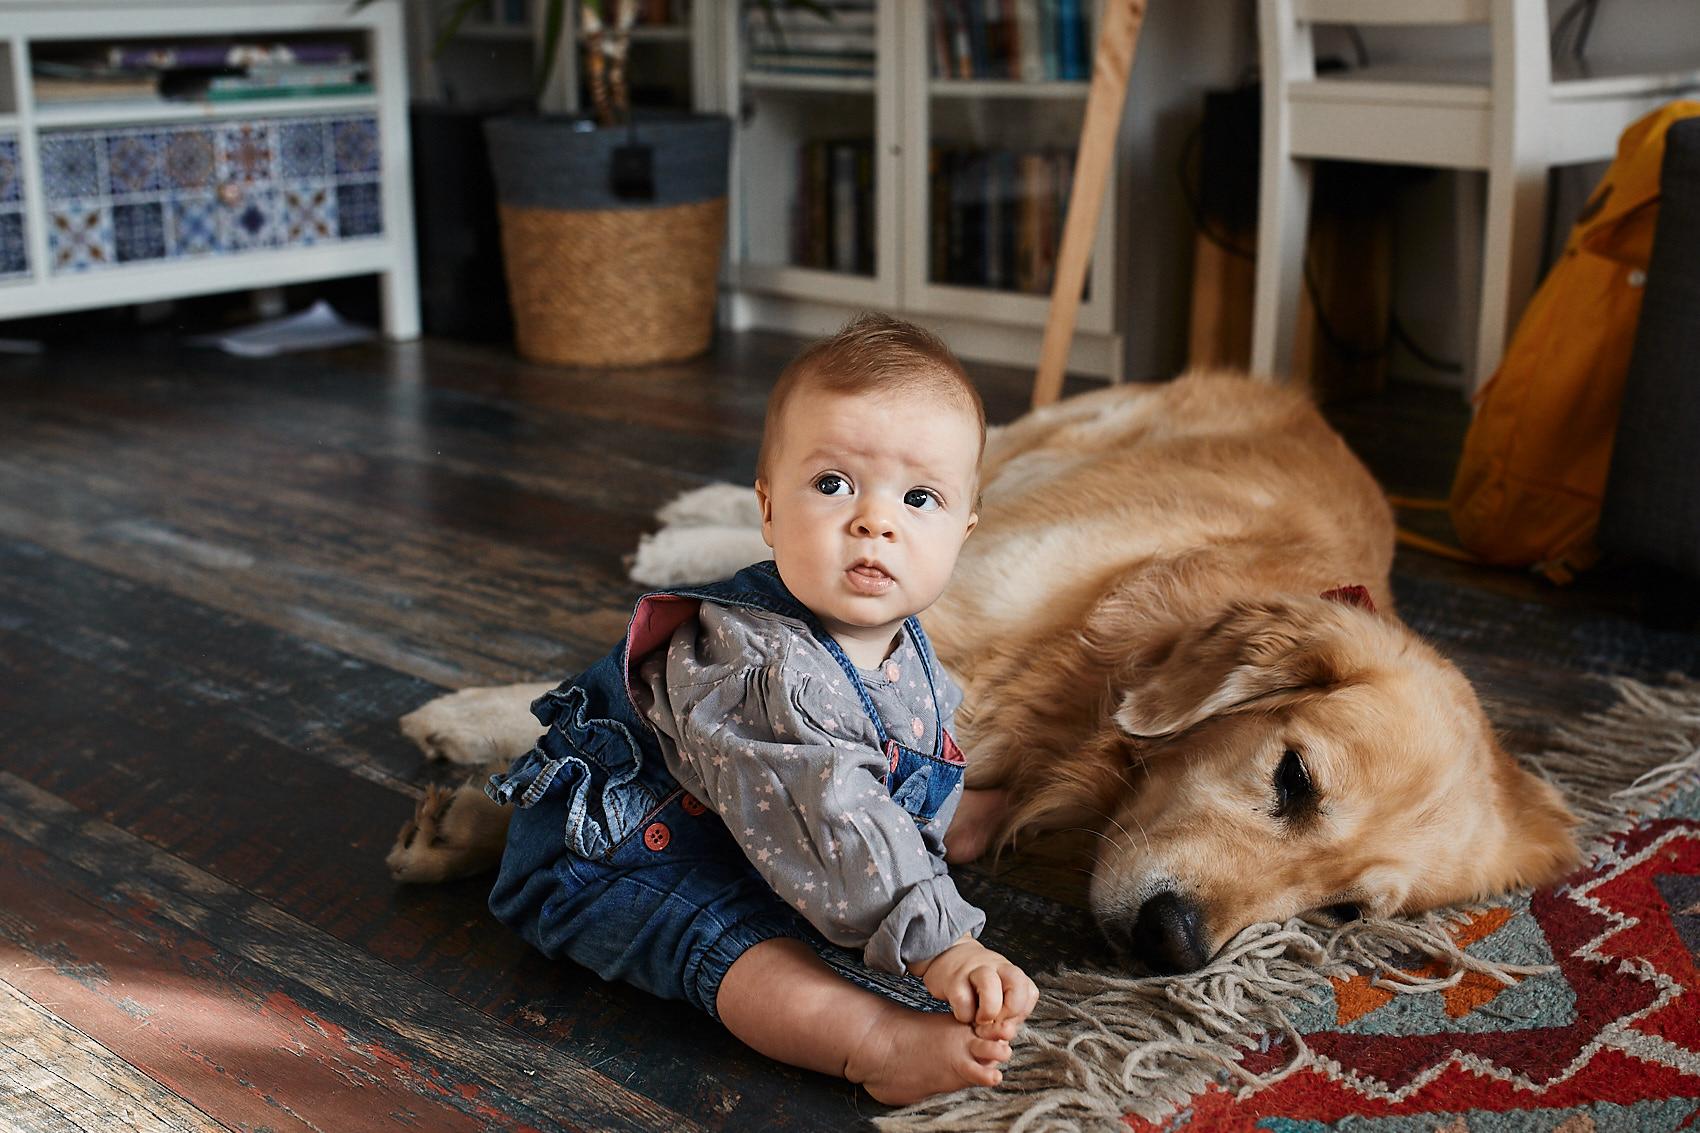 dziecko i pies sesja fotograficzna rodzinna warszawa